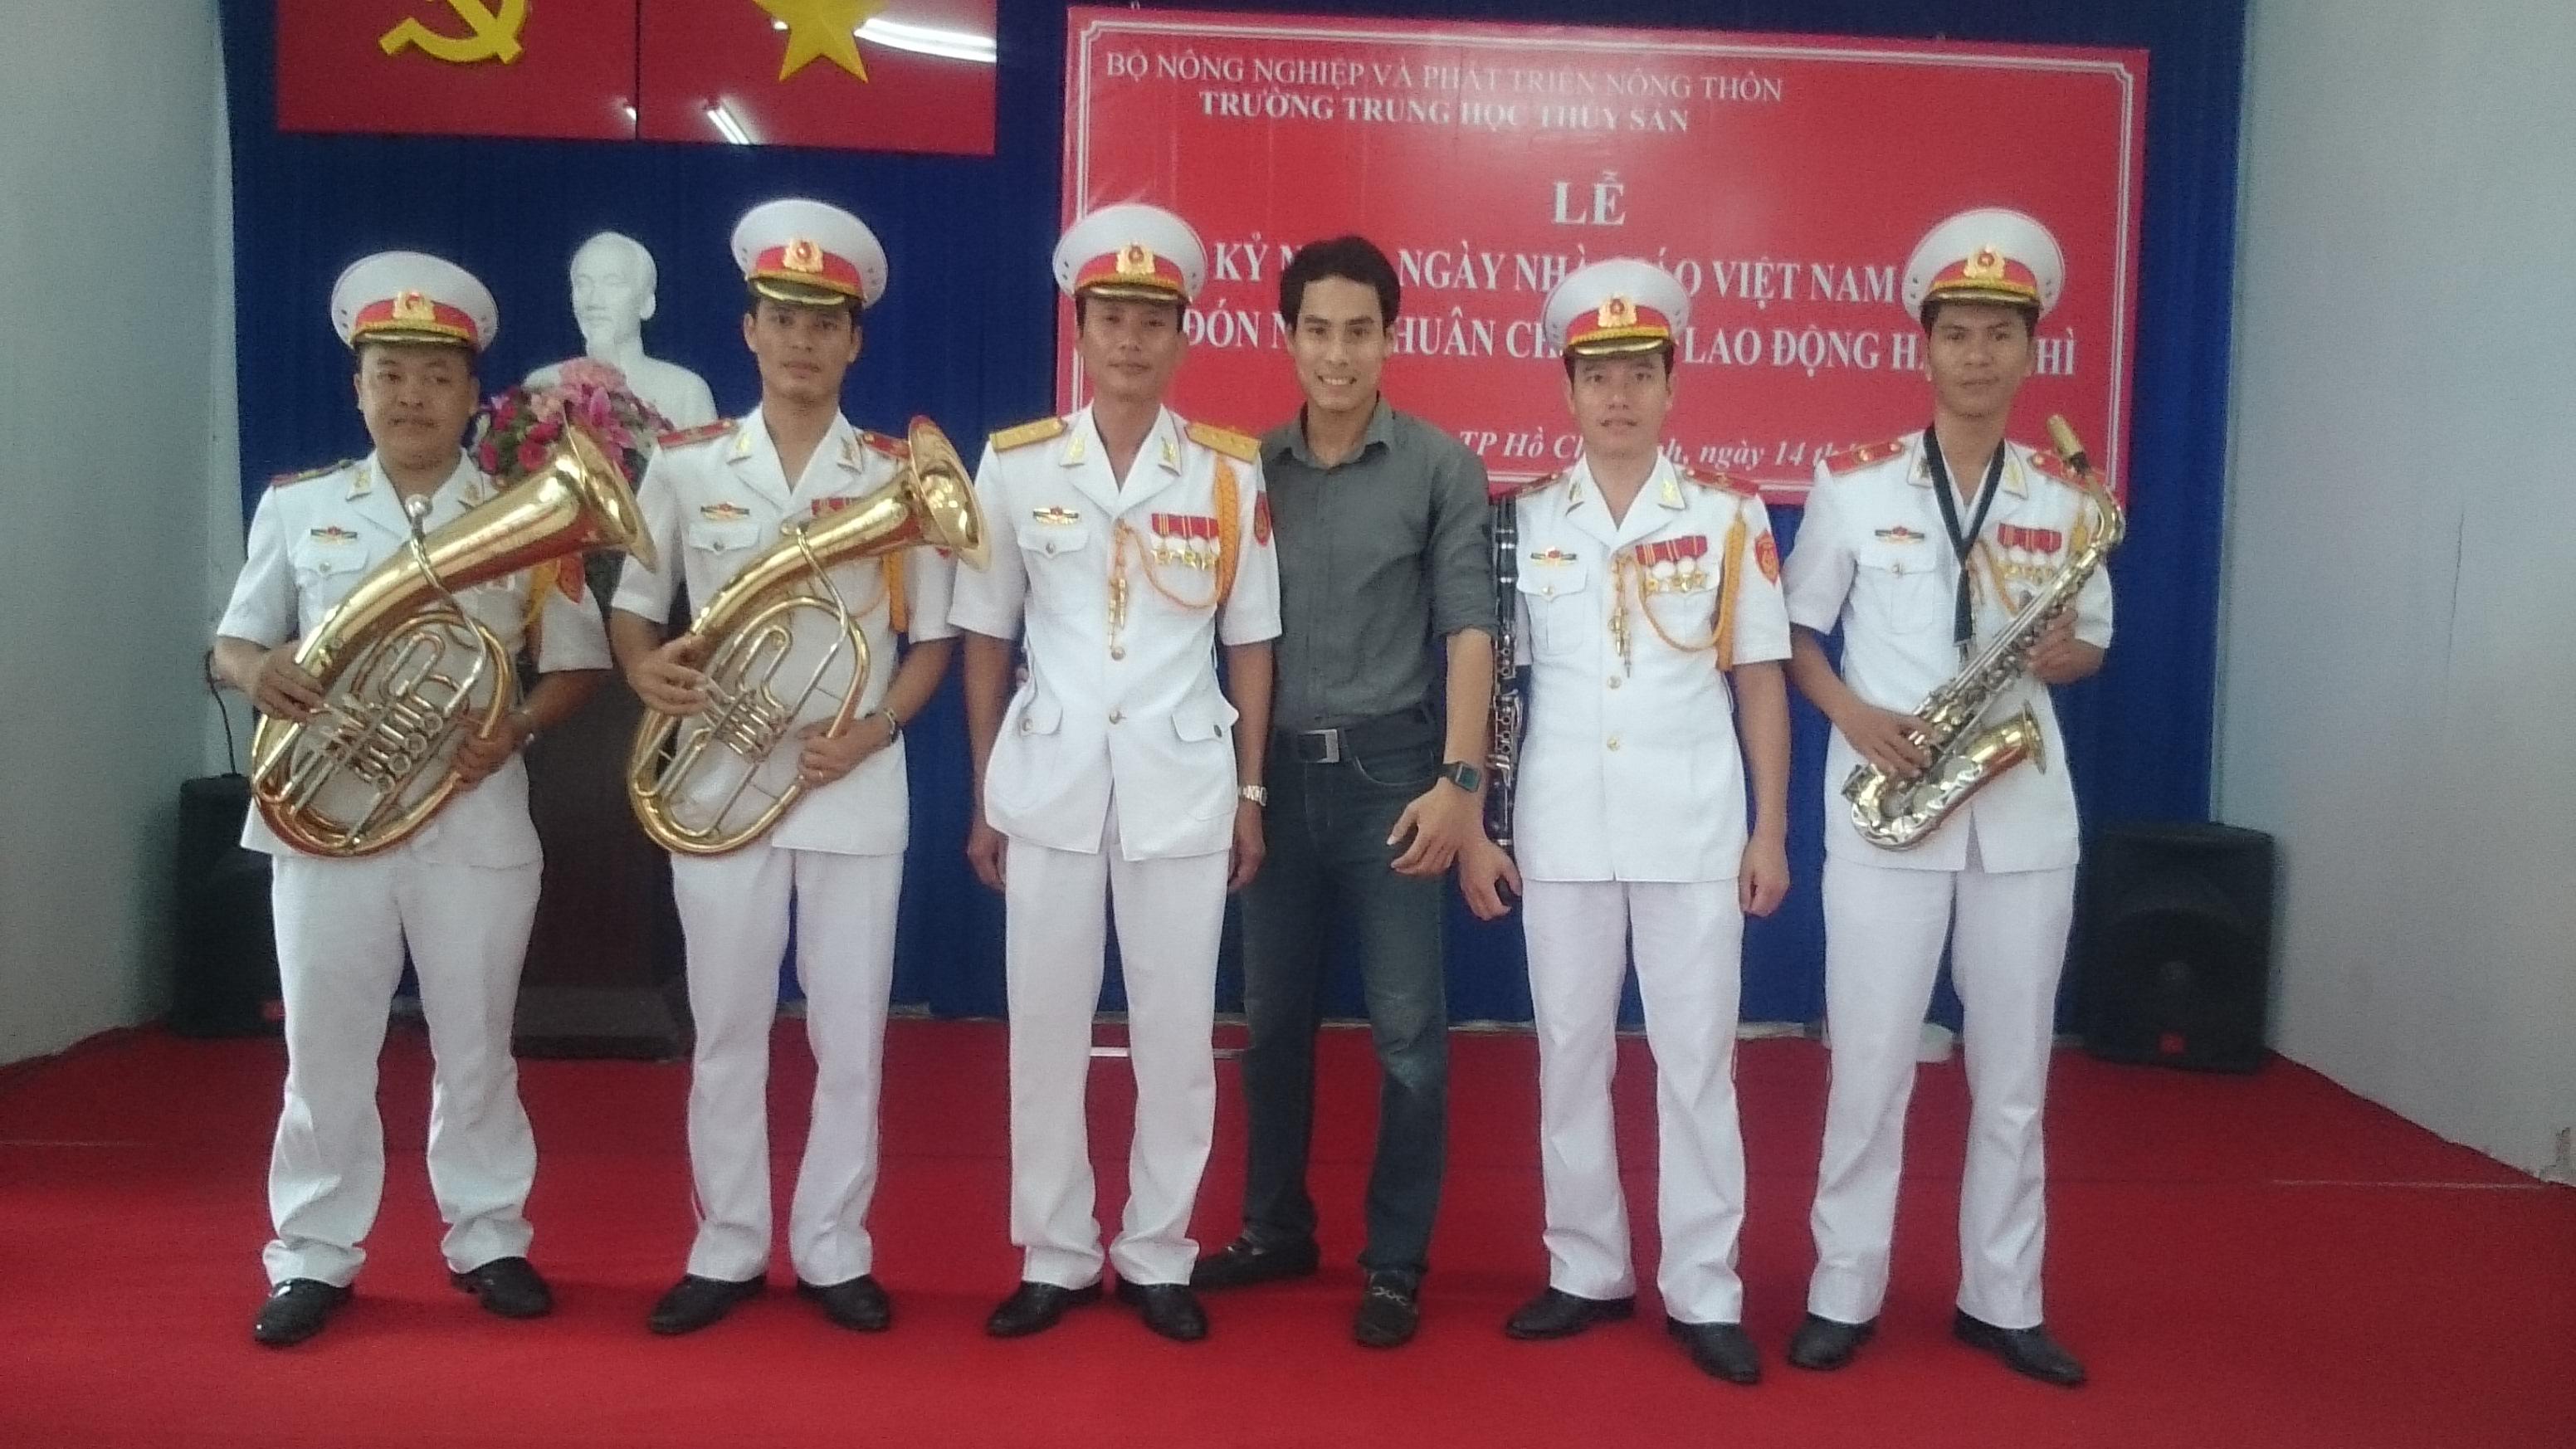 Cung cấp đoàn quân nhạc , cho thuê đoàn nghi lễ quân đội